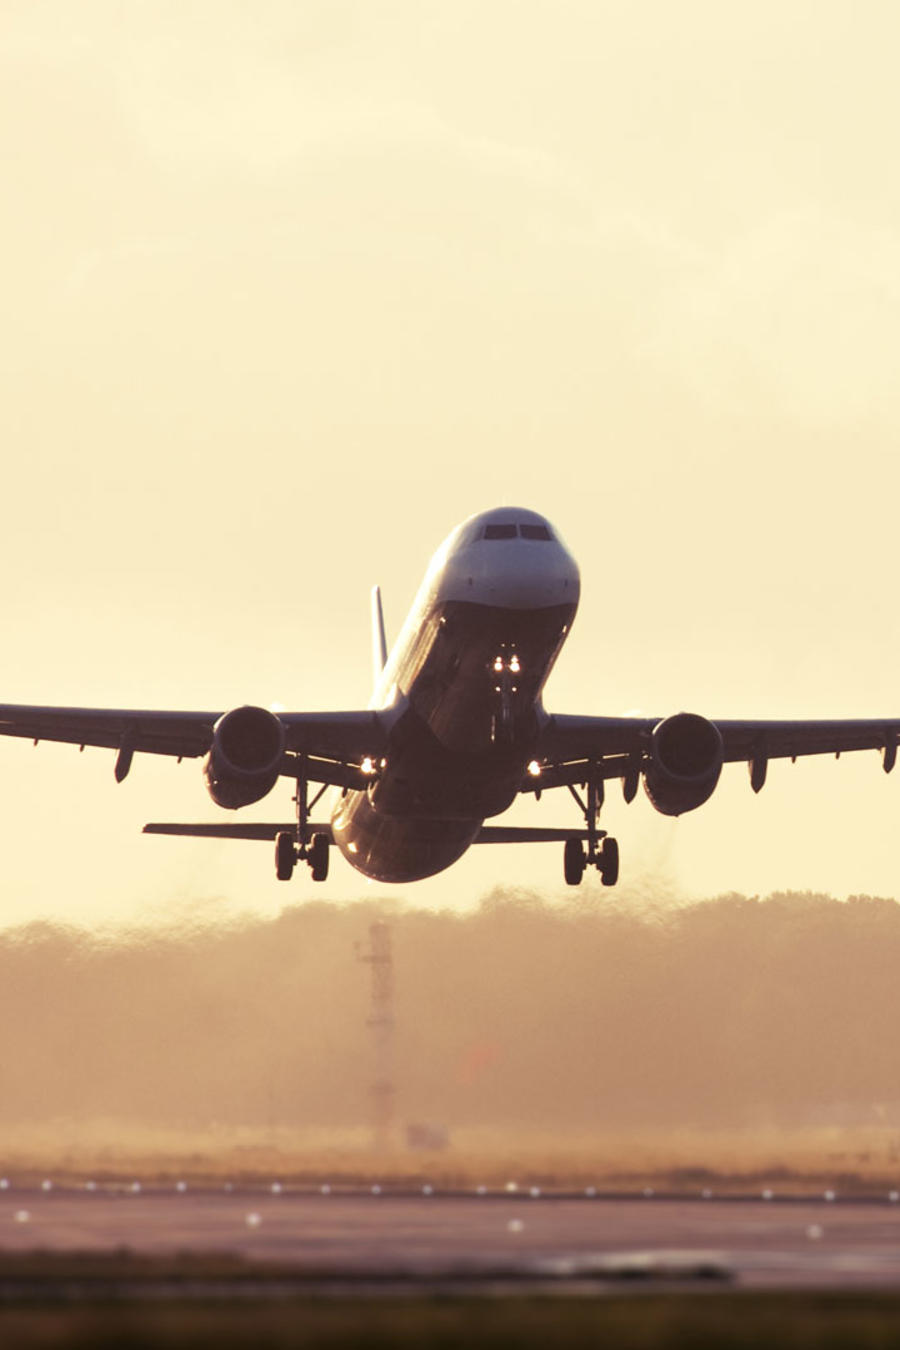 mejores aeroineas avion despegando